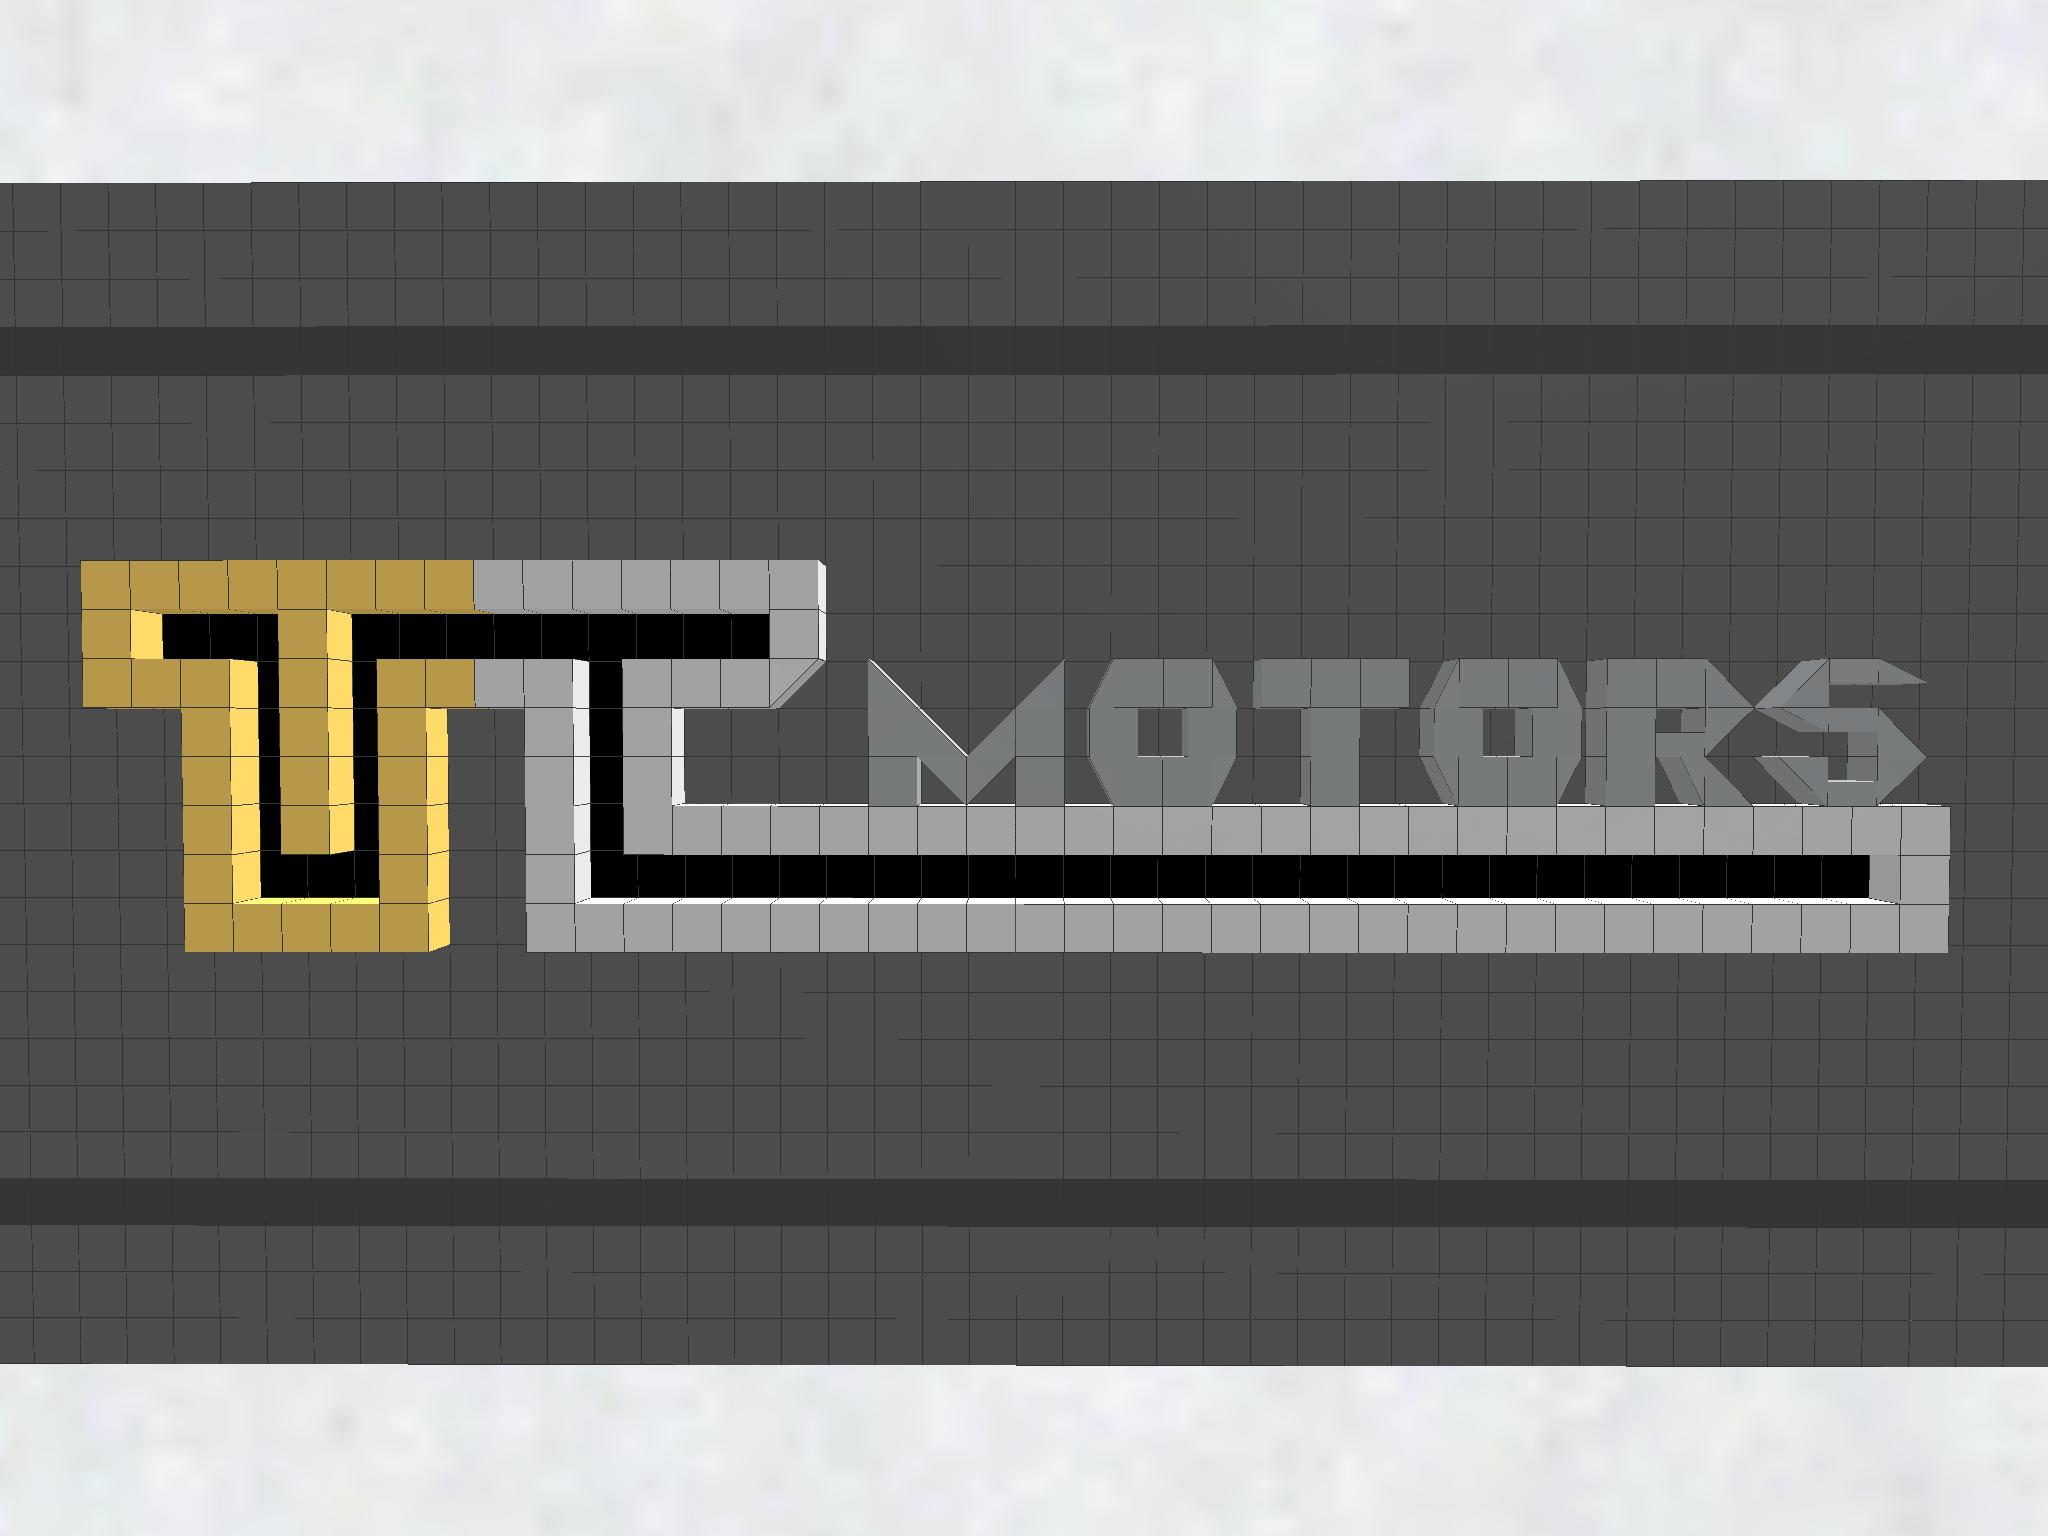 [NEW LOGO]VecTrec Motors